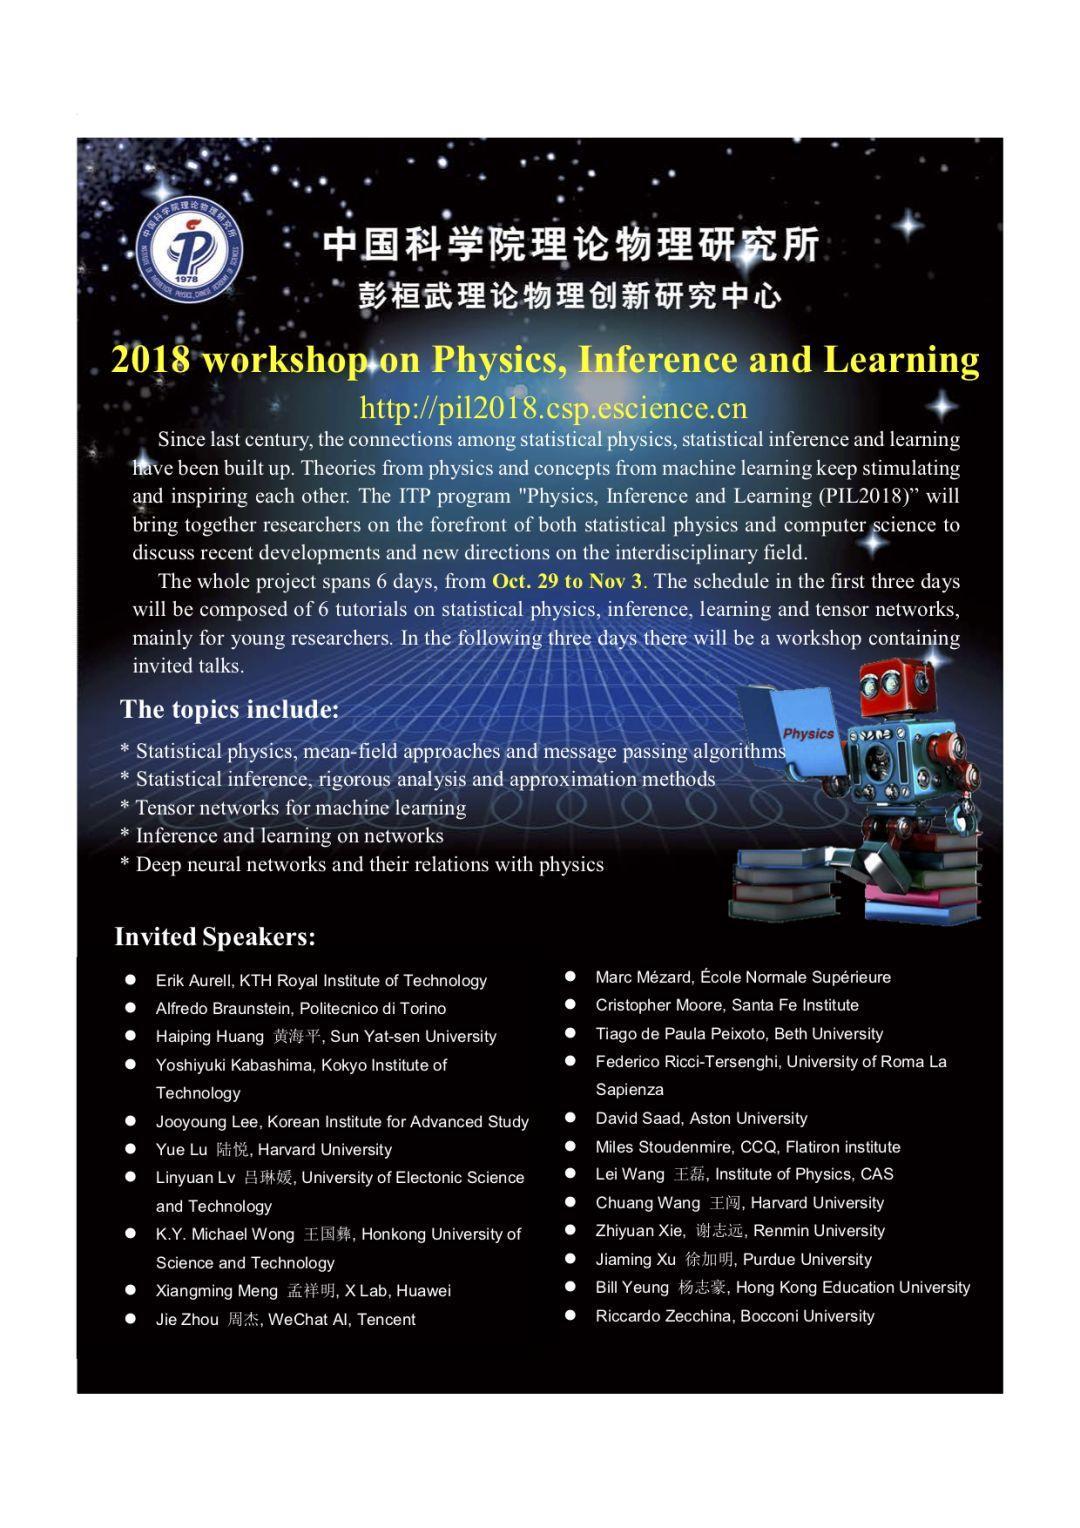 中科院理论物理研究所Workshop:物理、推理和学习-集智俱乐部